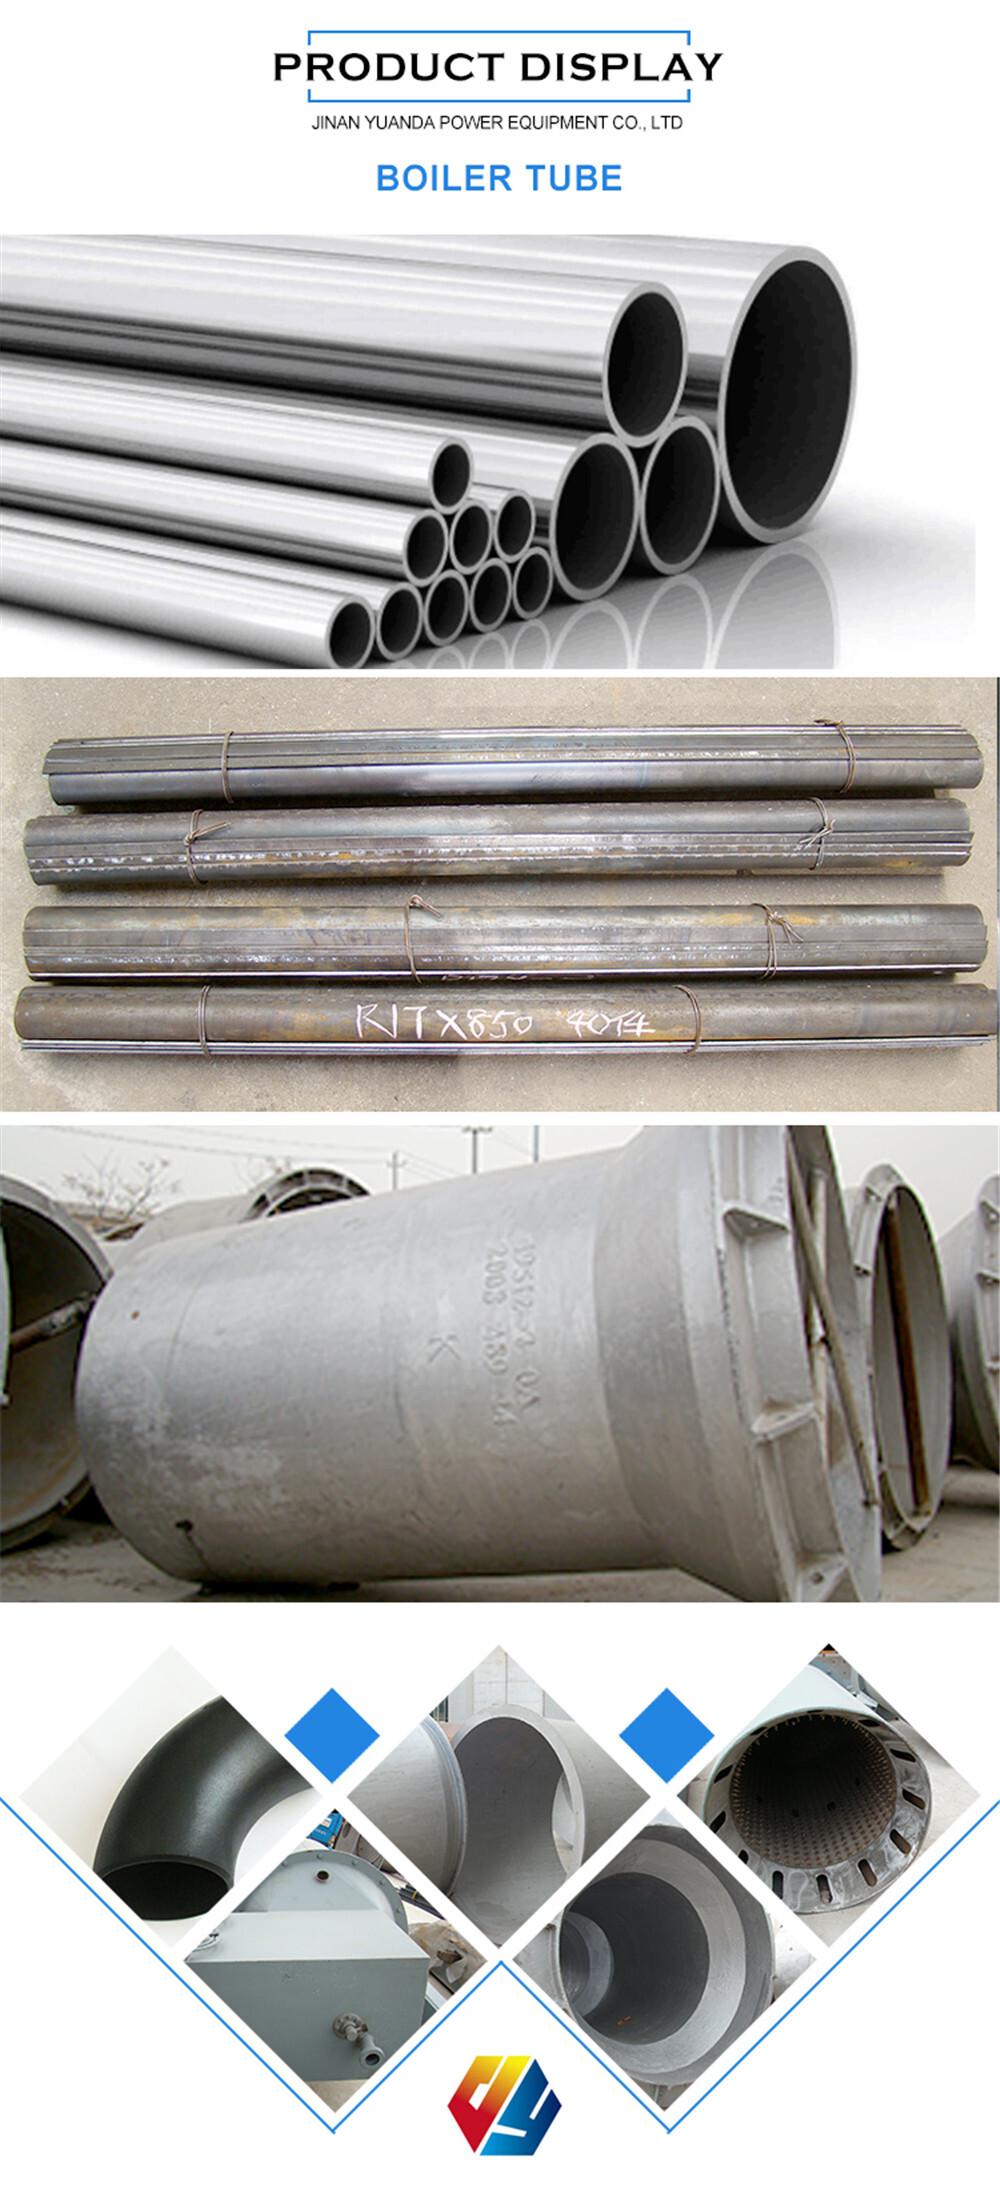 boiler tube-01